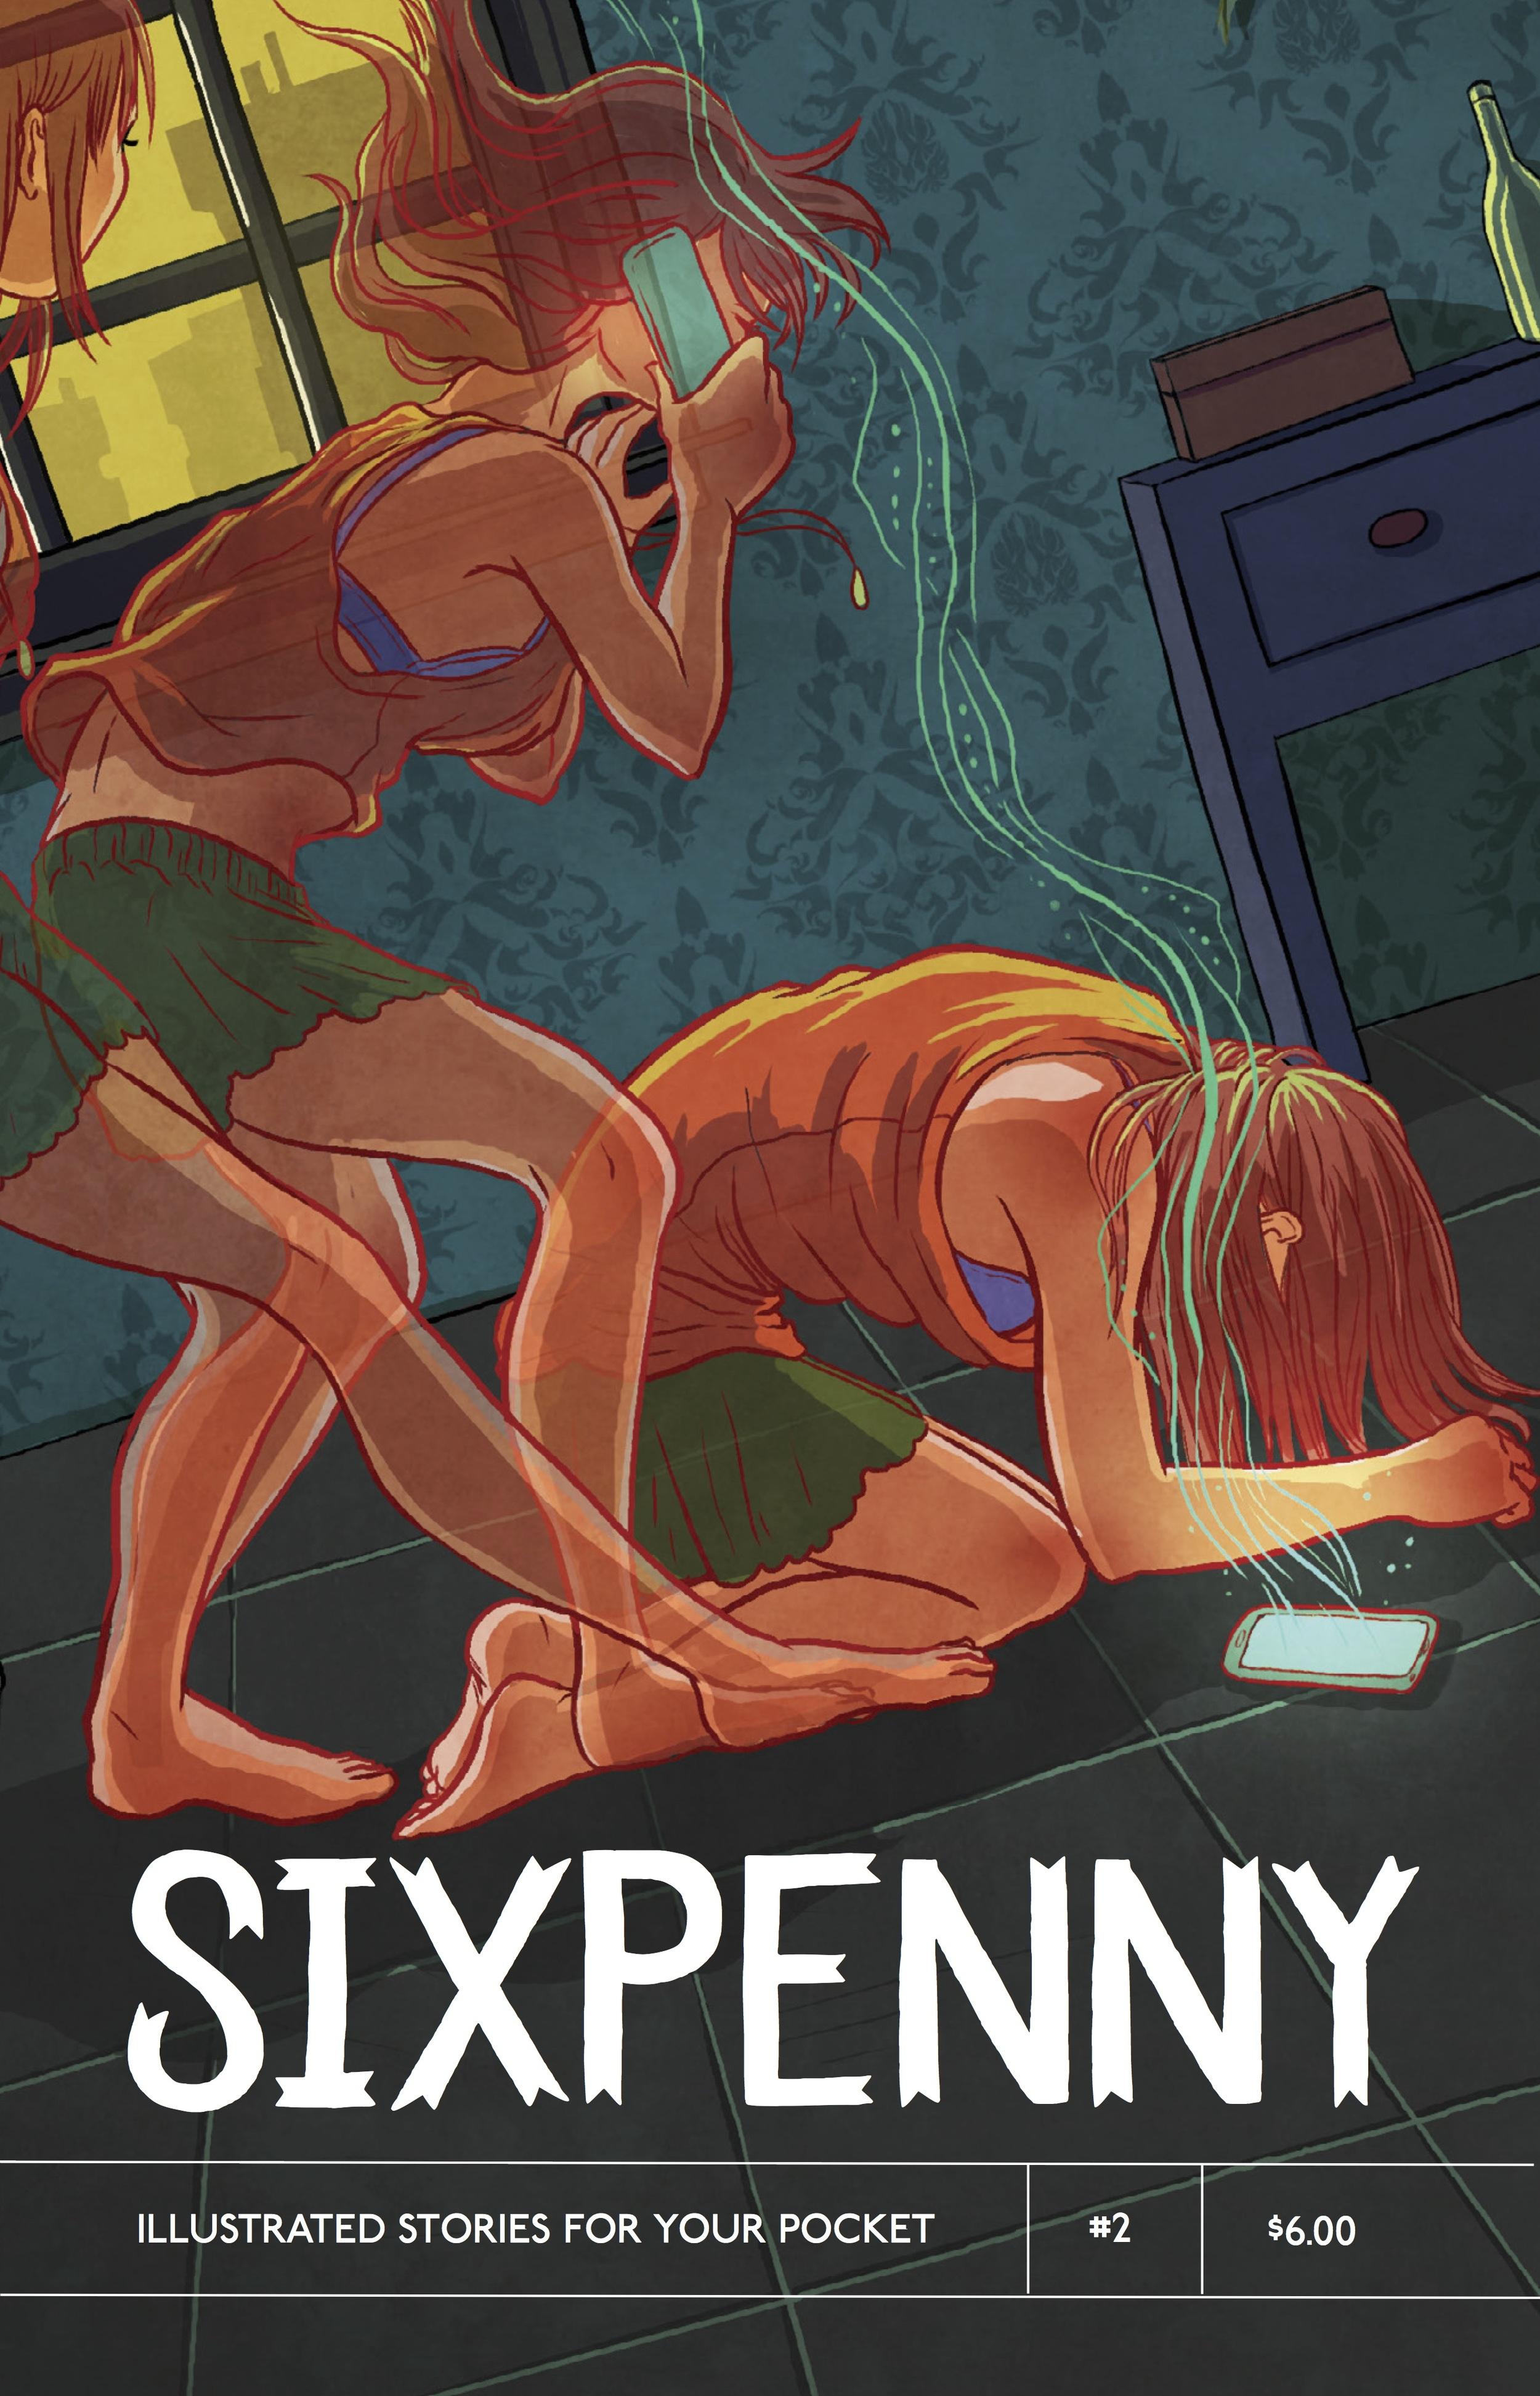 TheSixpennyMagazine_2.jpg